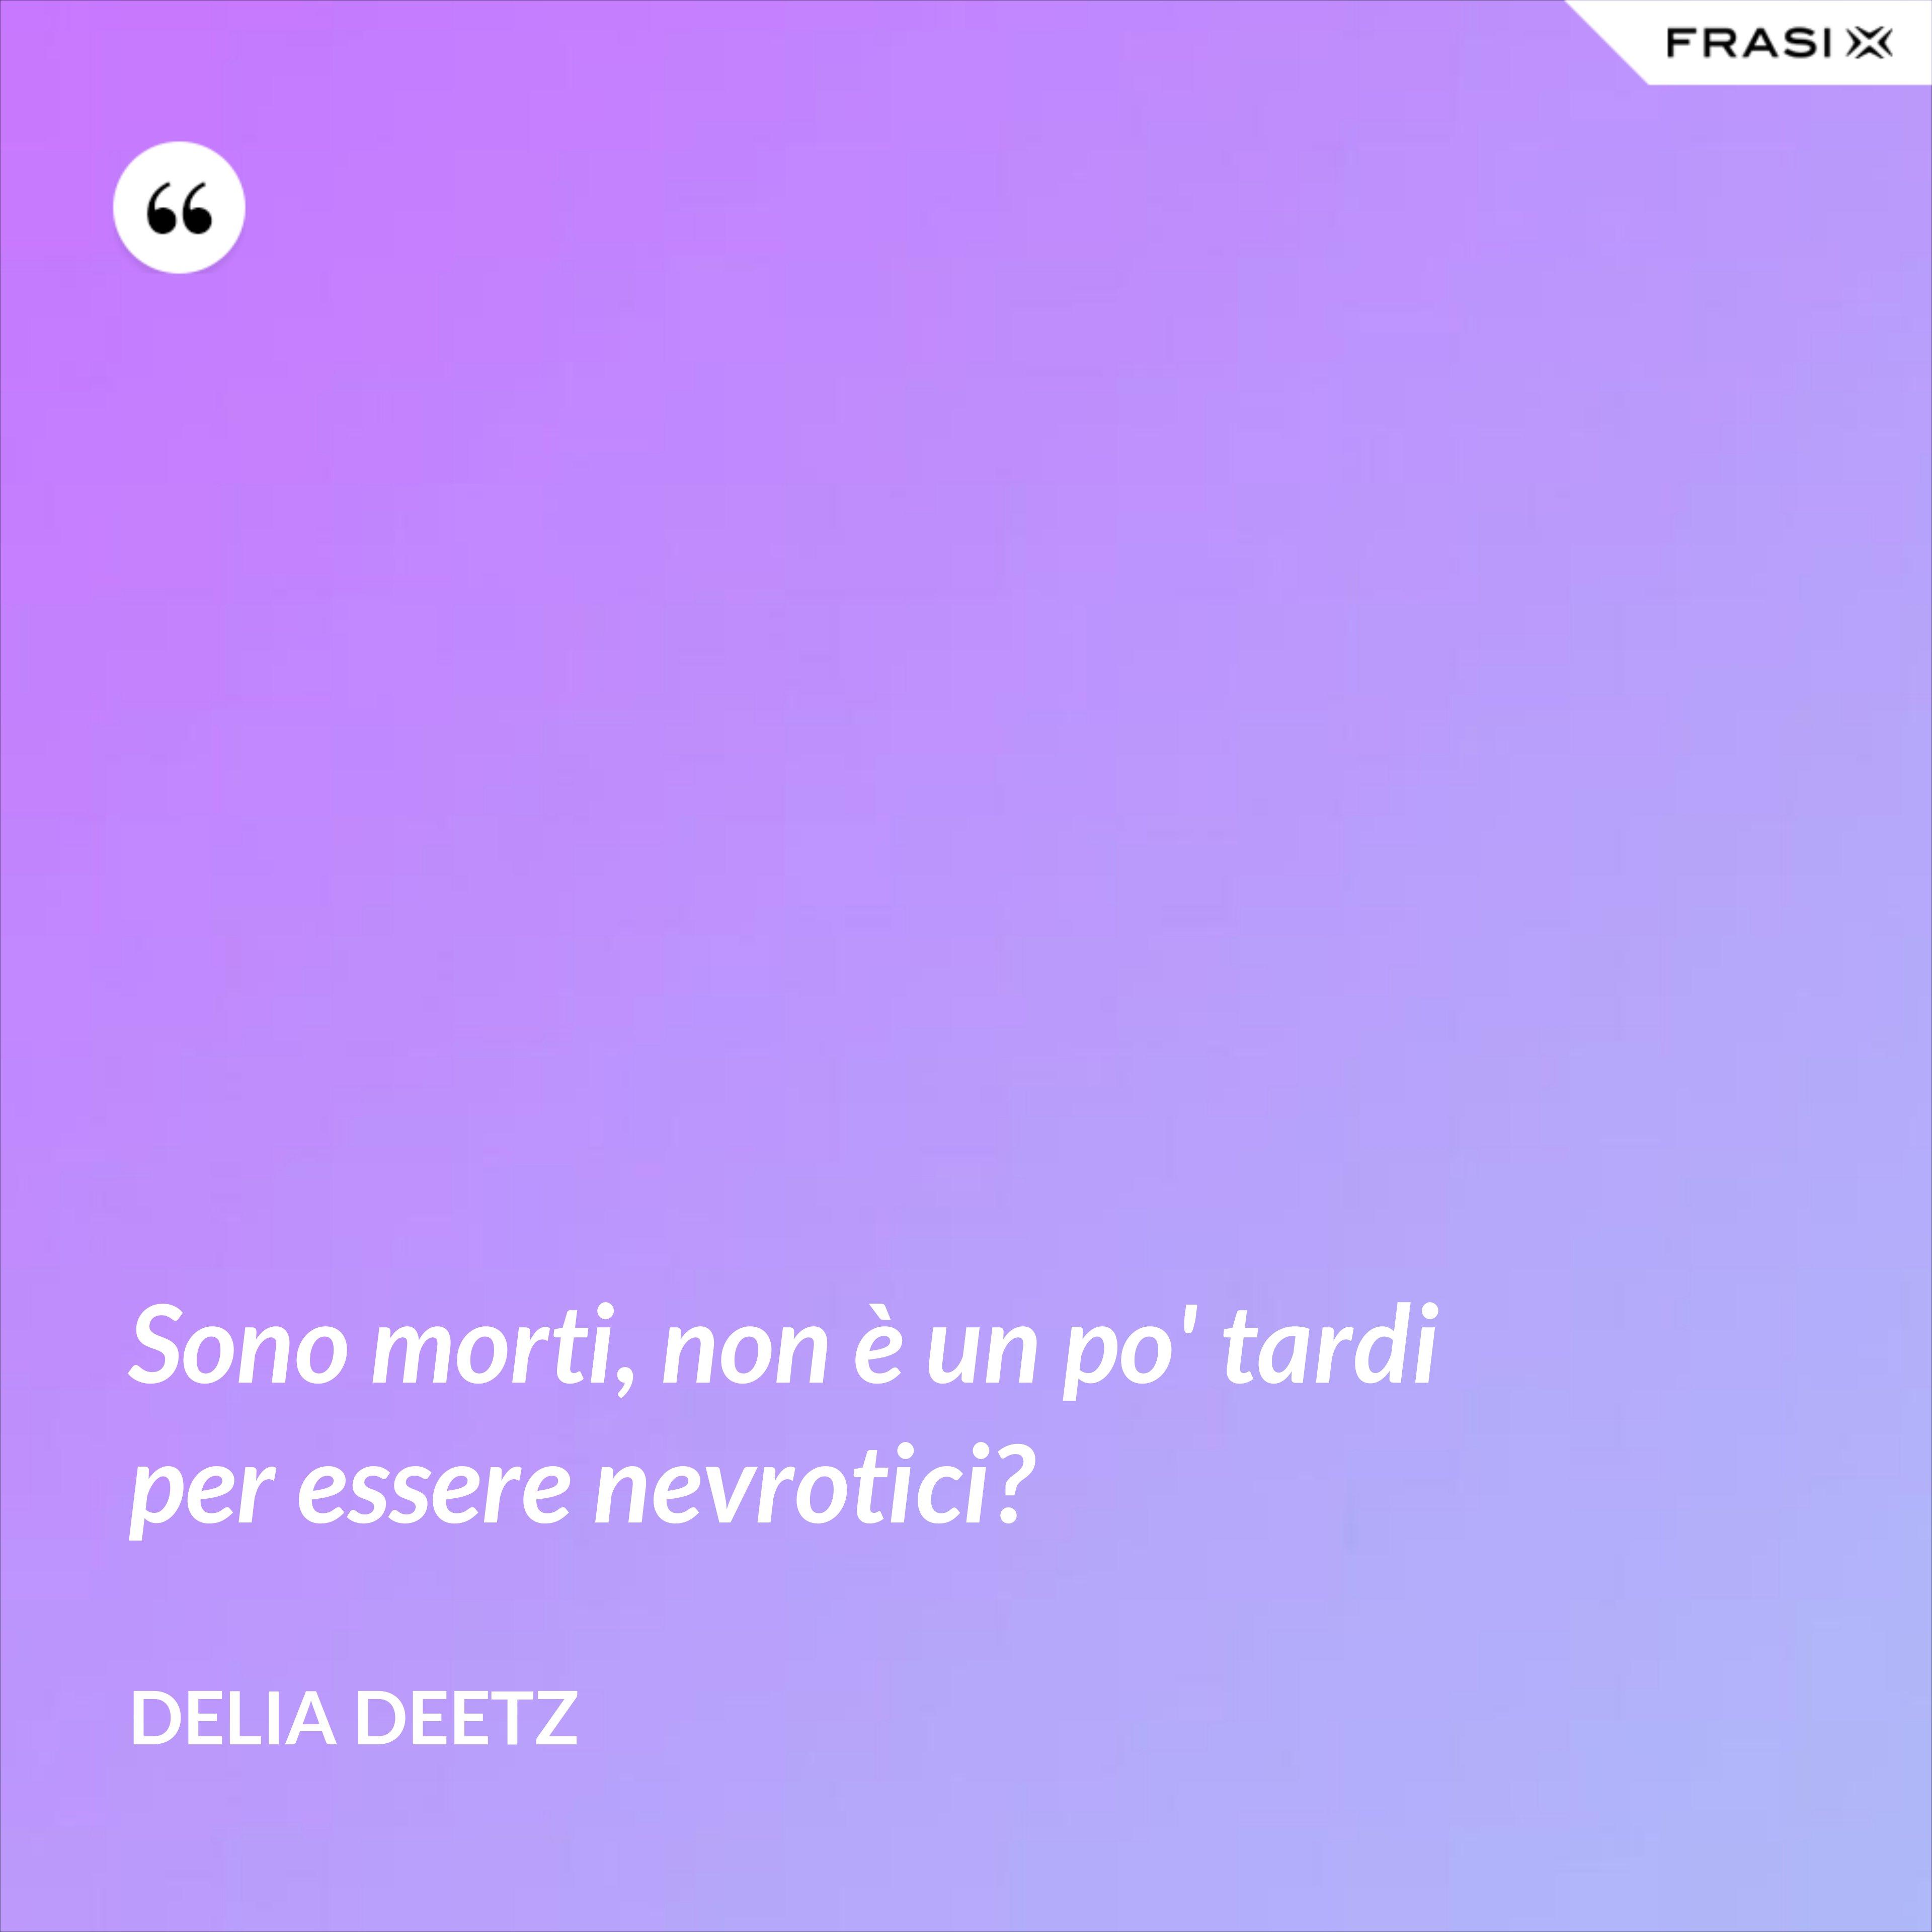 Sono morti, non è un po' tardi per essere nevrotici? - Delia Deetz